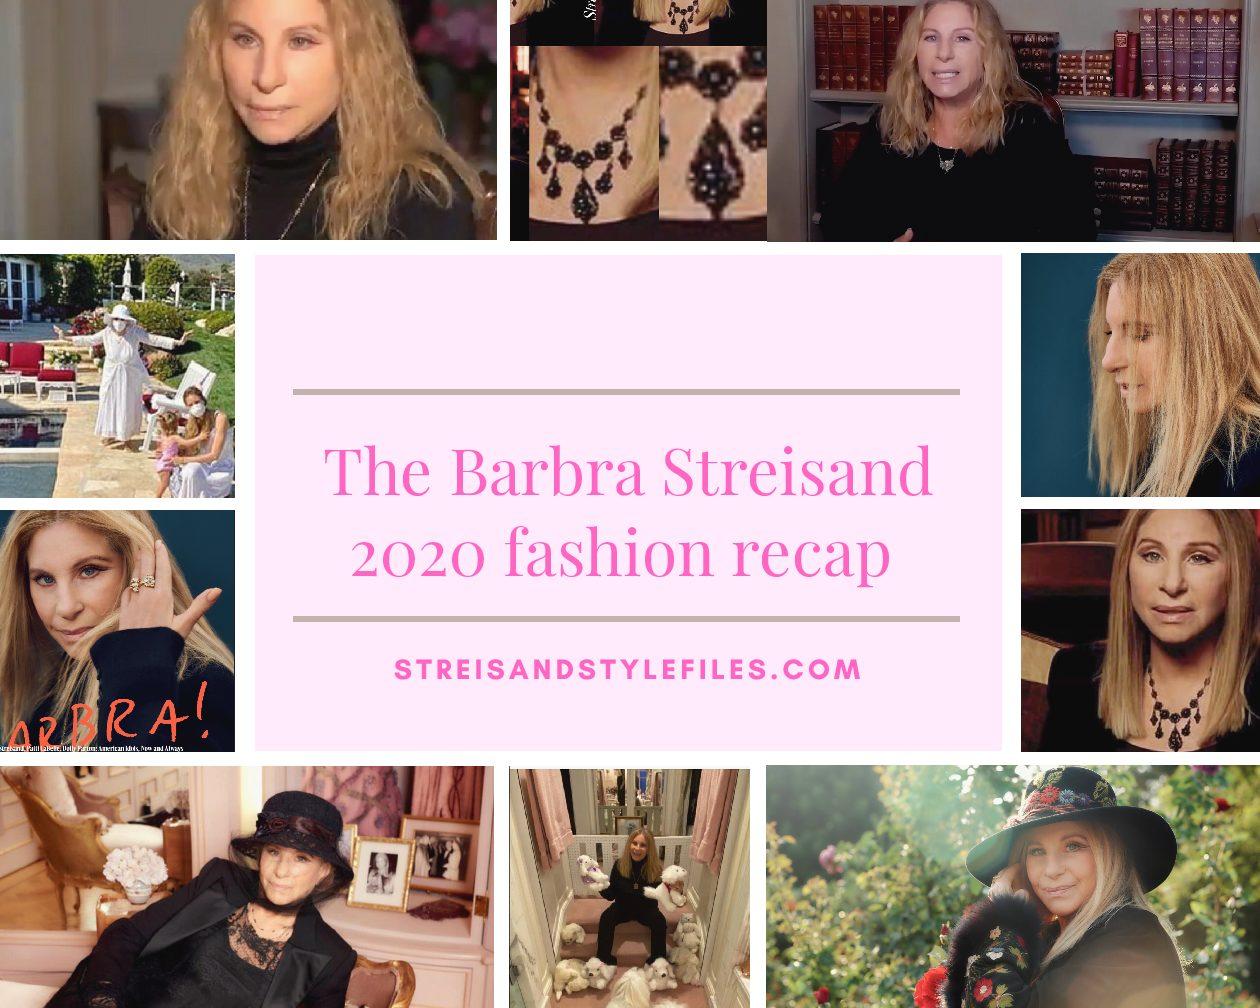 The Barbra Streisand 2020 fashion recap